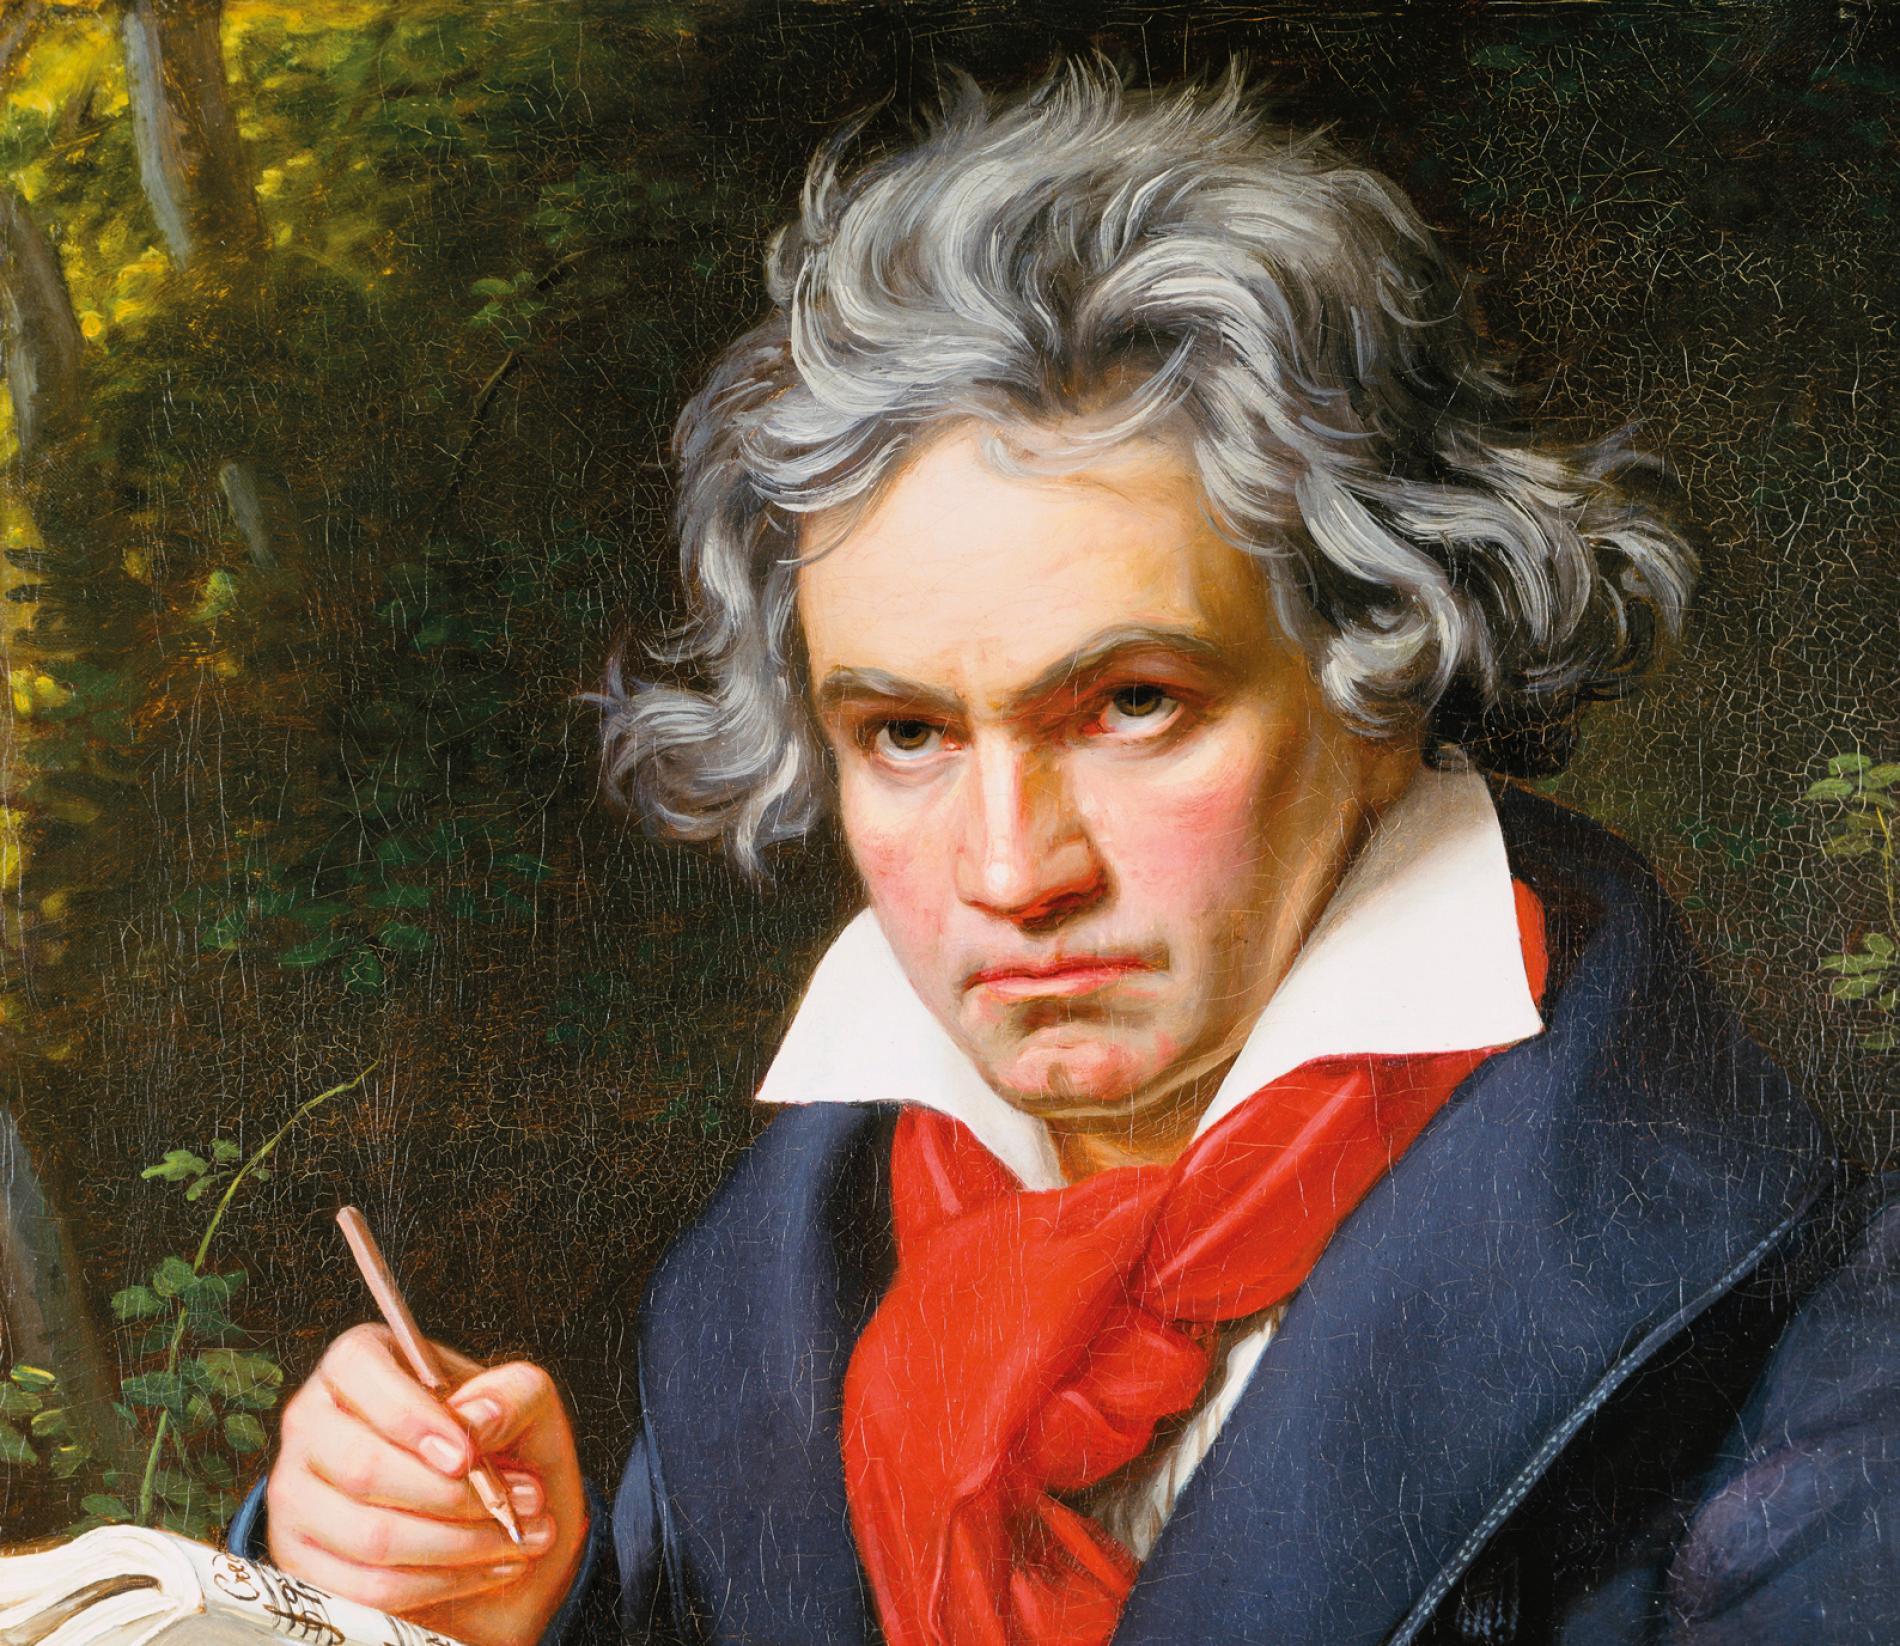 La Musica di Beethoven in concerto a Ravenna